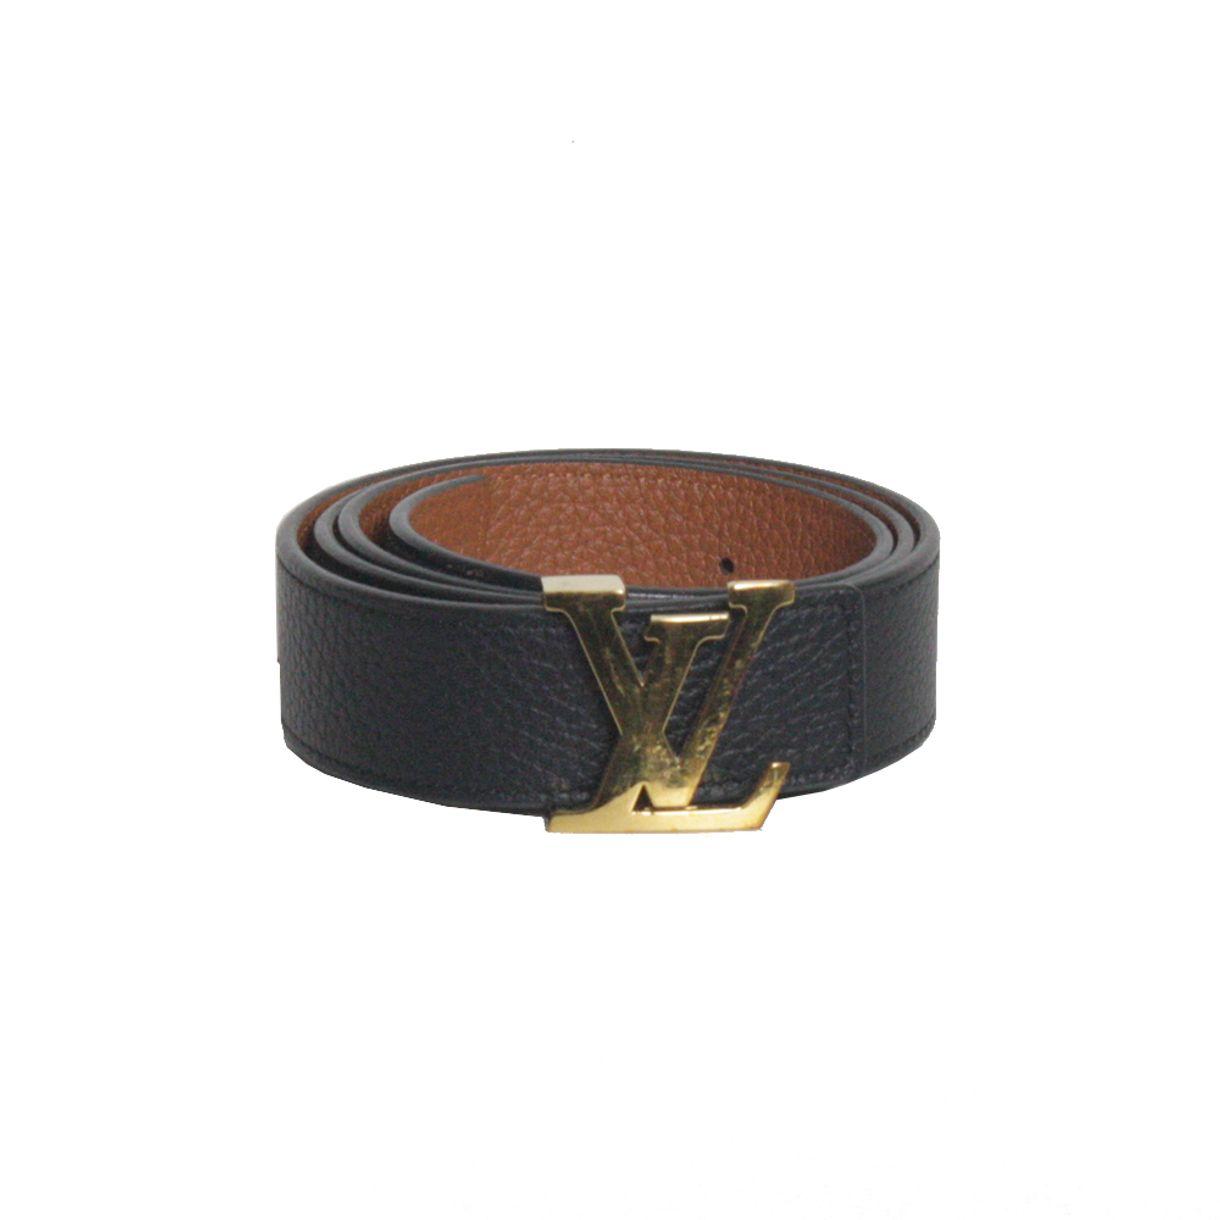 Cinto-Louis-Vuitton-Initiales-Reversible